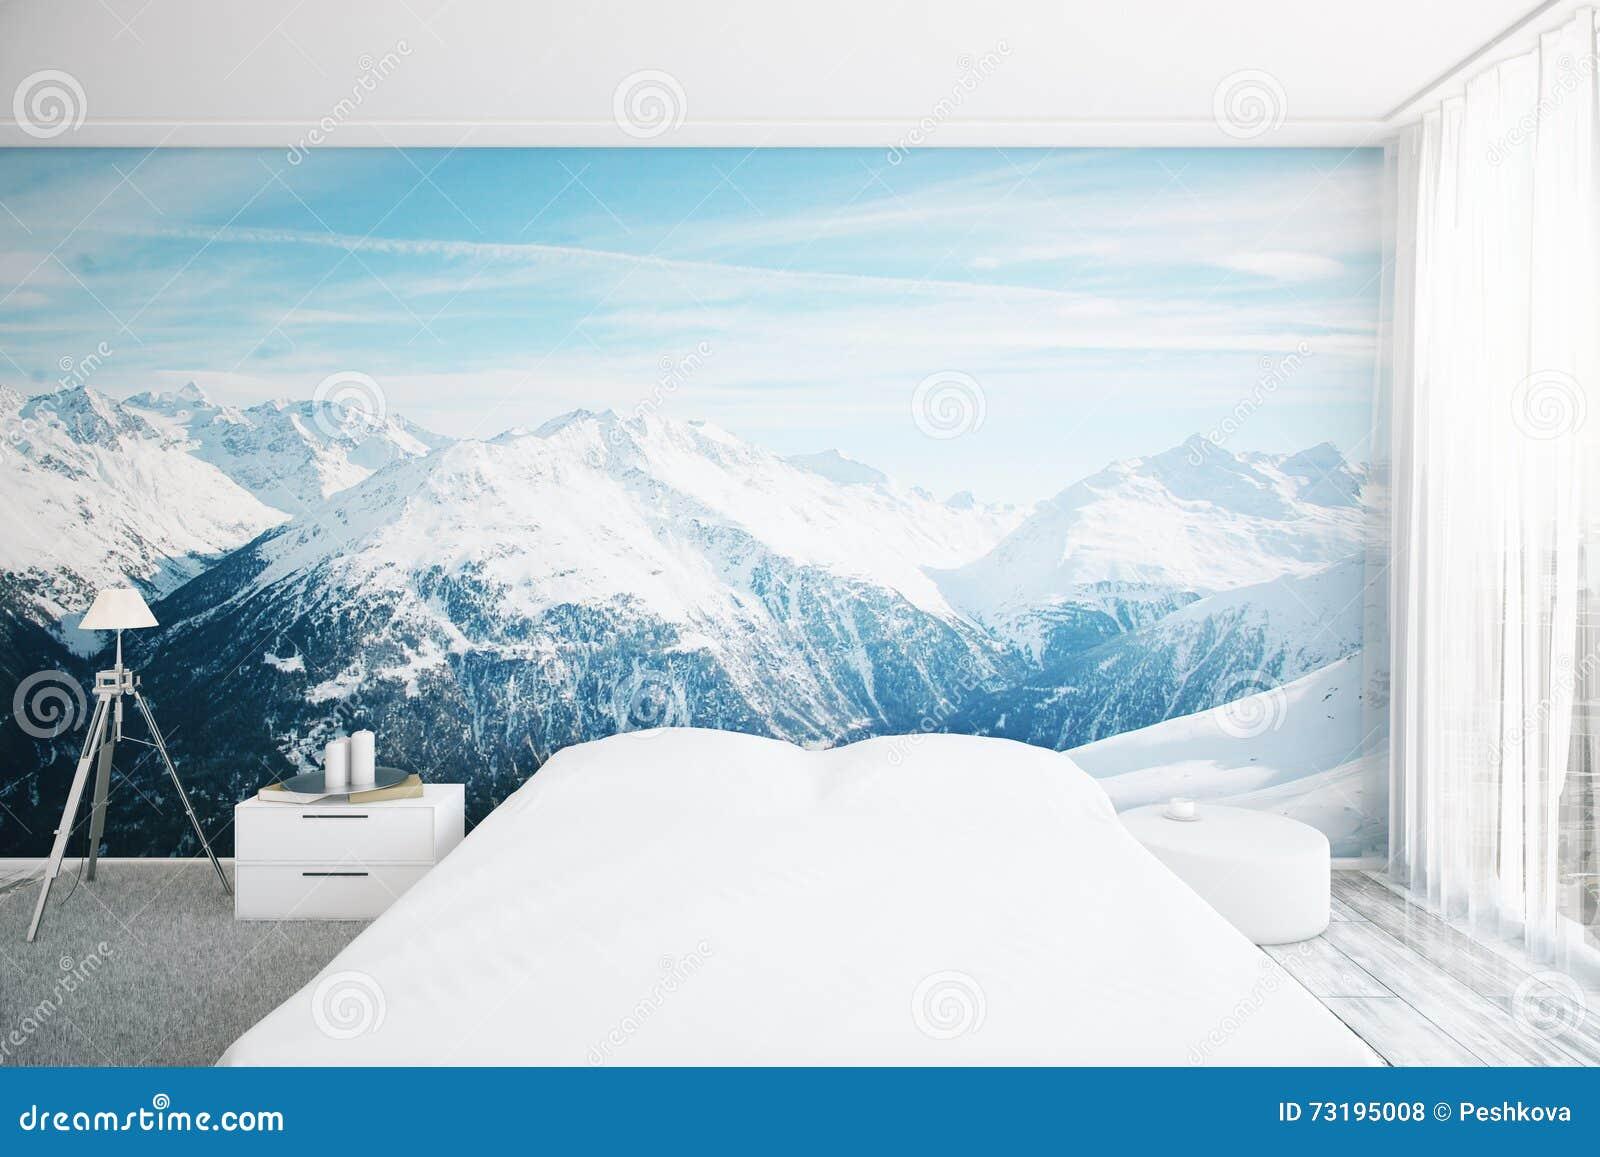 Parati moderni camera da letto ispirazione design casa for Layout della camera familiare